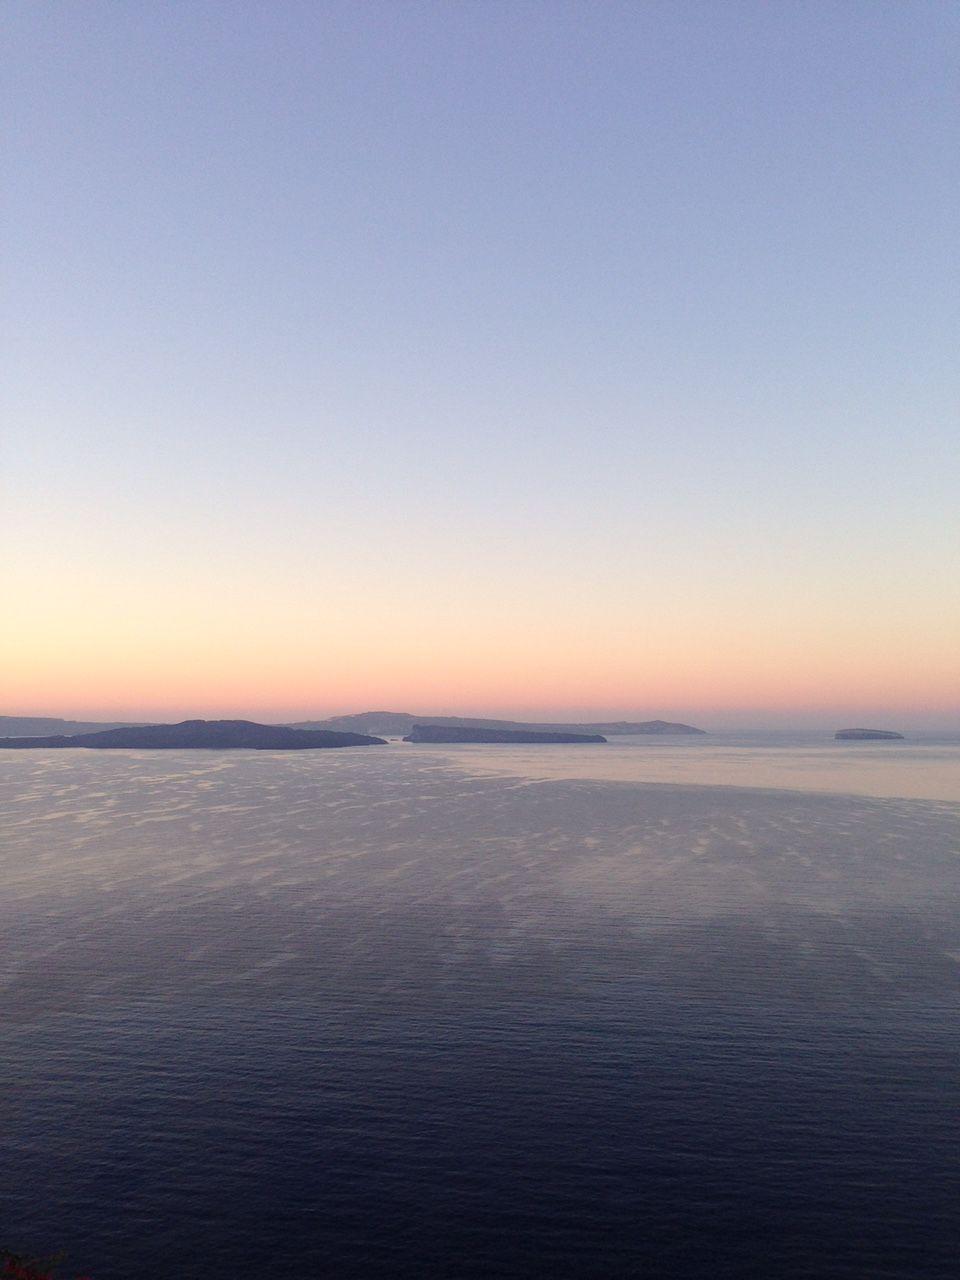 朝食はエーゲ海のパノラマとともに